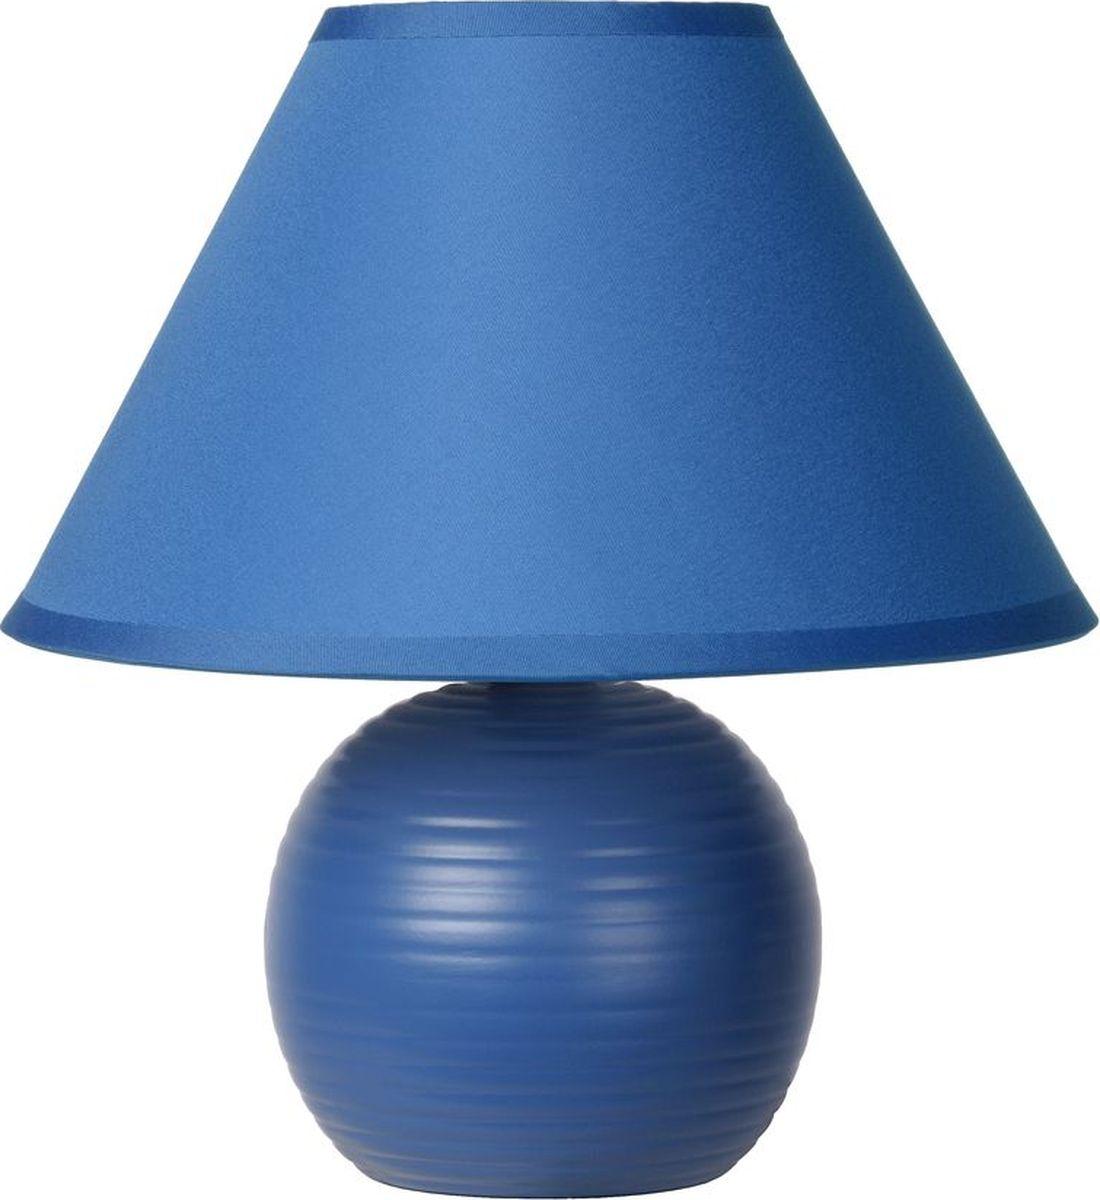 Лампа настольная Lucide Kaddy, цвет: синий, E14, 9 Вт. 14550/81/3514550/81/35